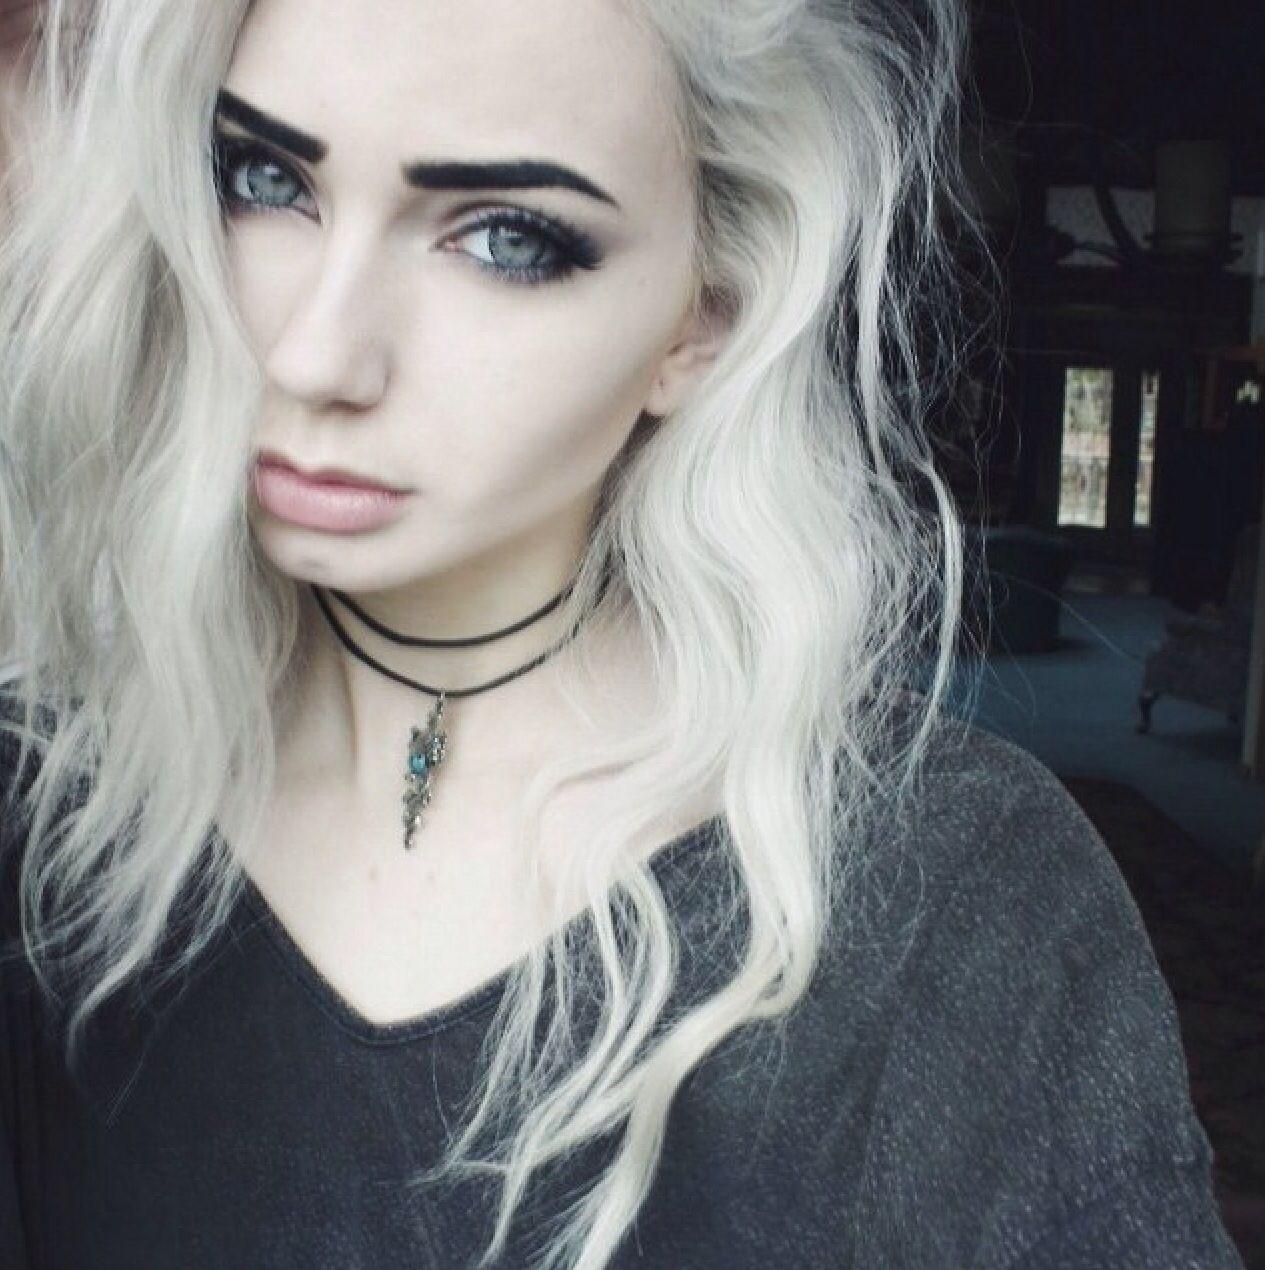 Sarah Karda Amp Her Perfect Eyebrows ѕ 229 ɾ 229 ħ к 229 ɾđ 229 и и